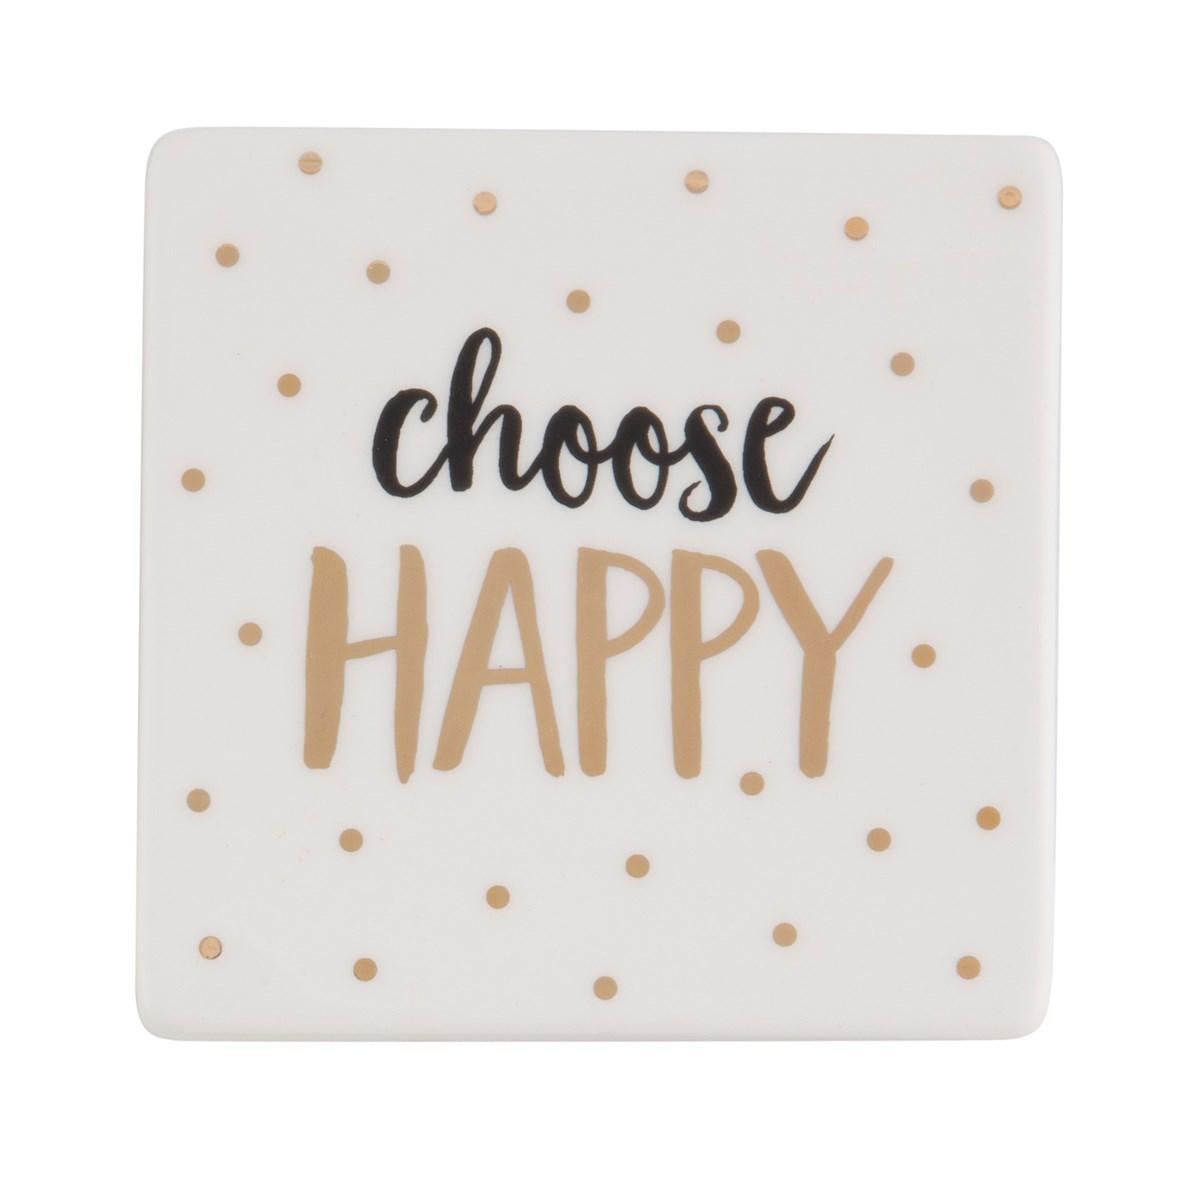 Happy Metallic Monochrome Coaster image